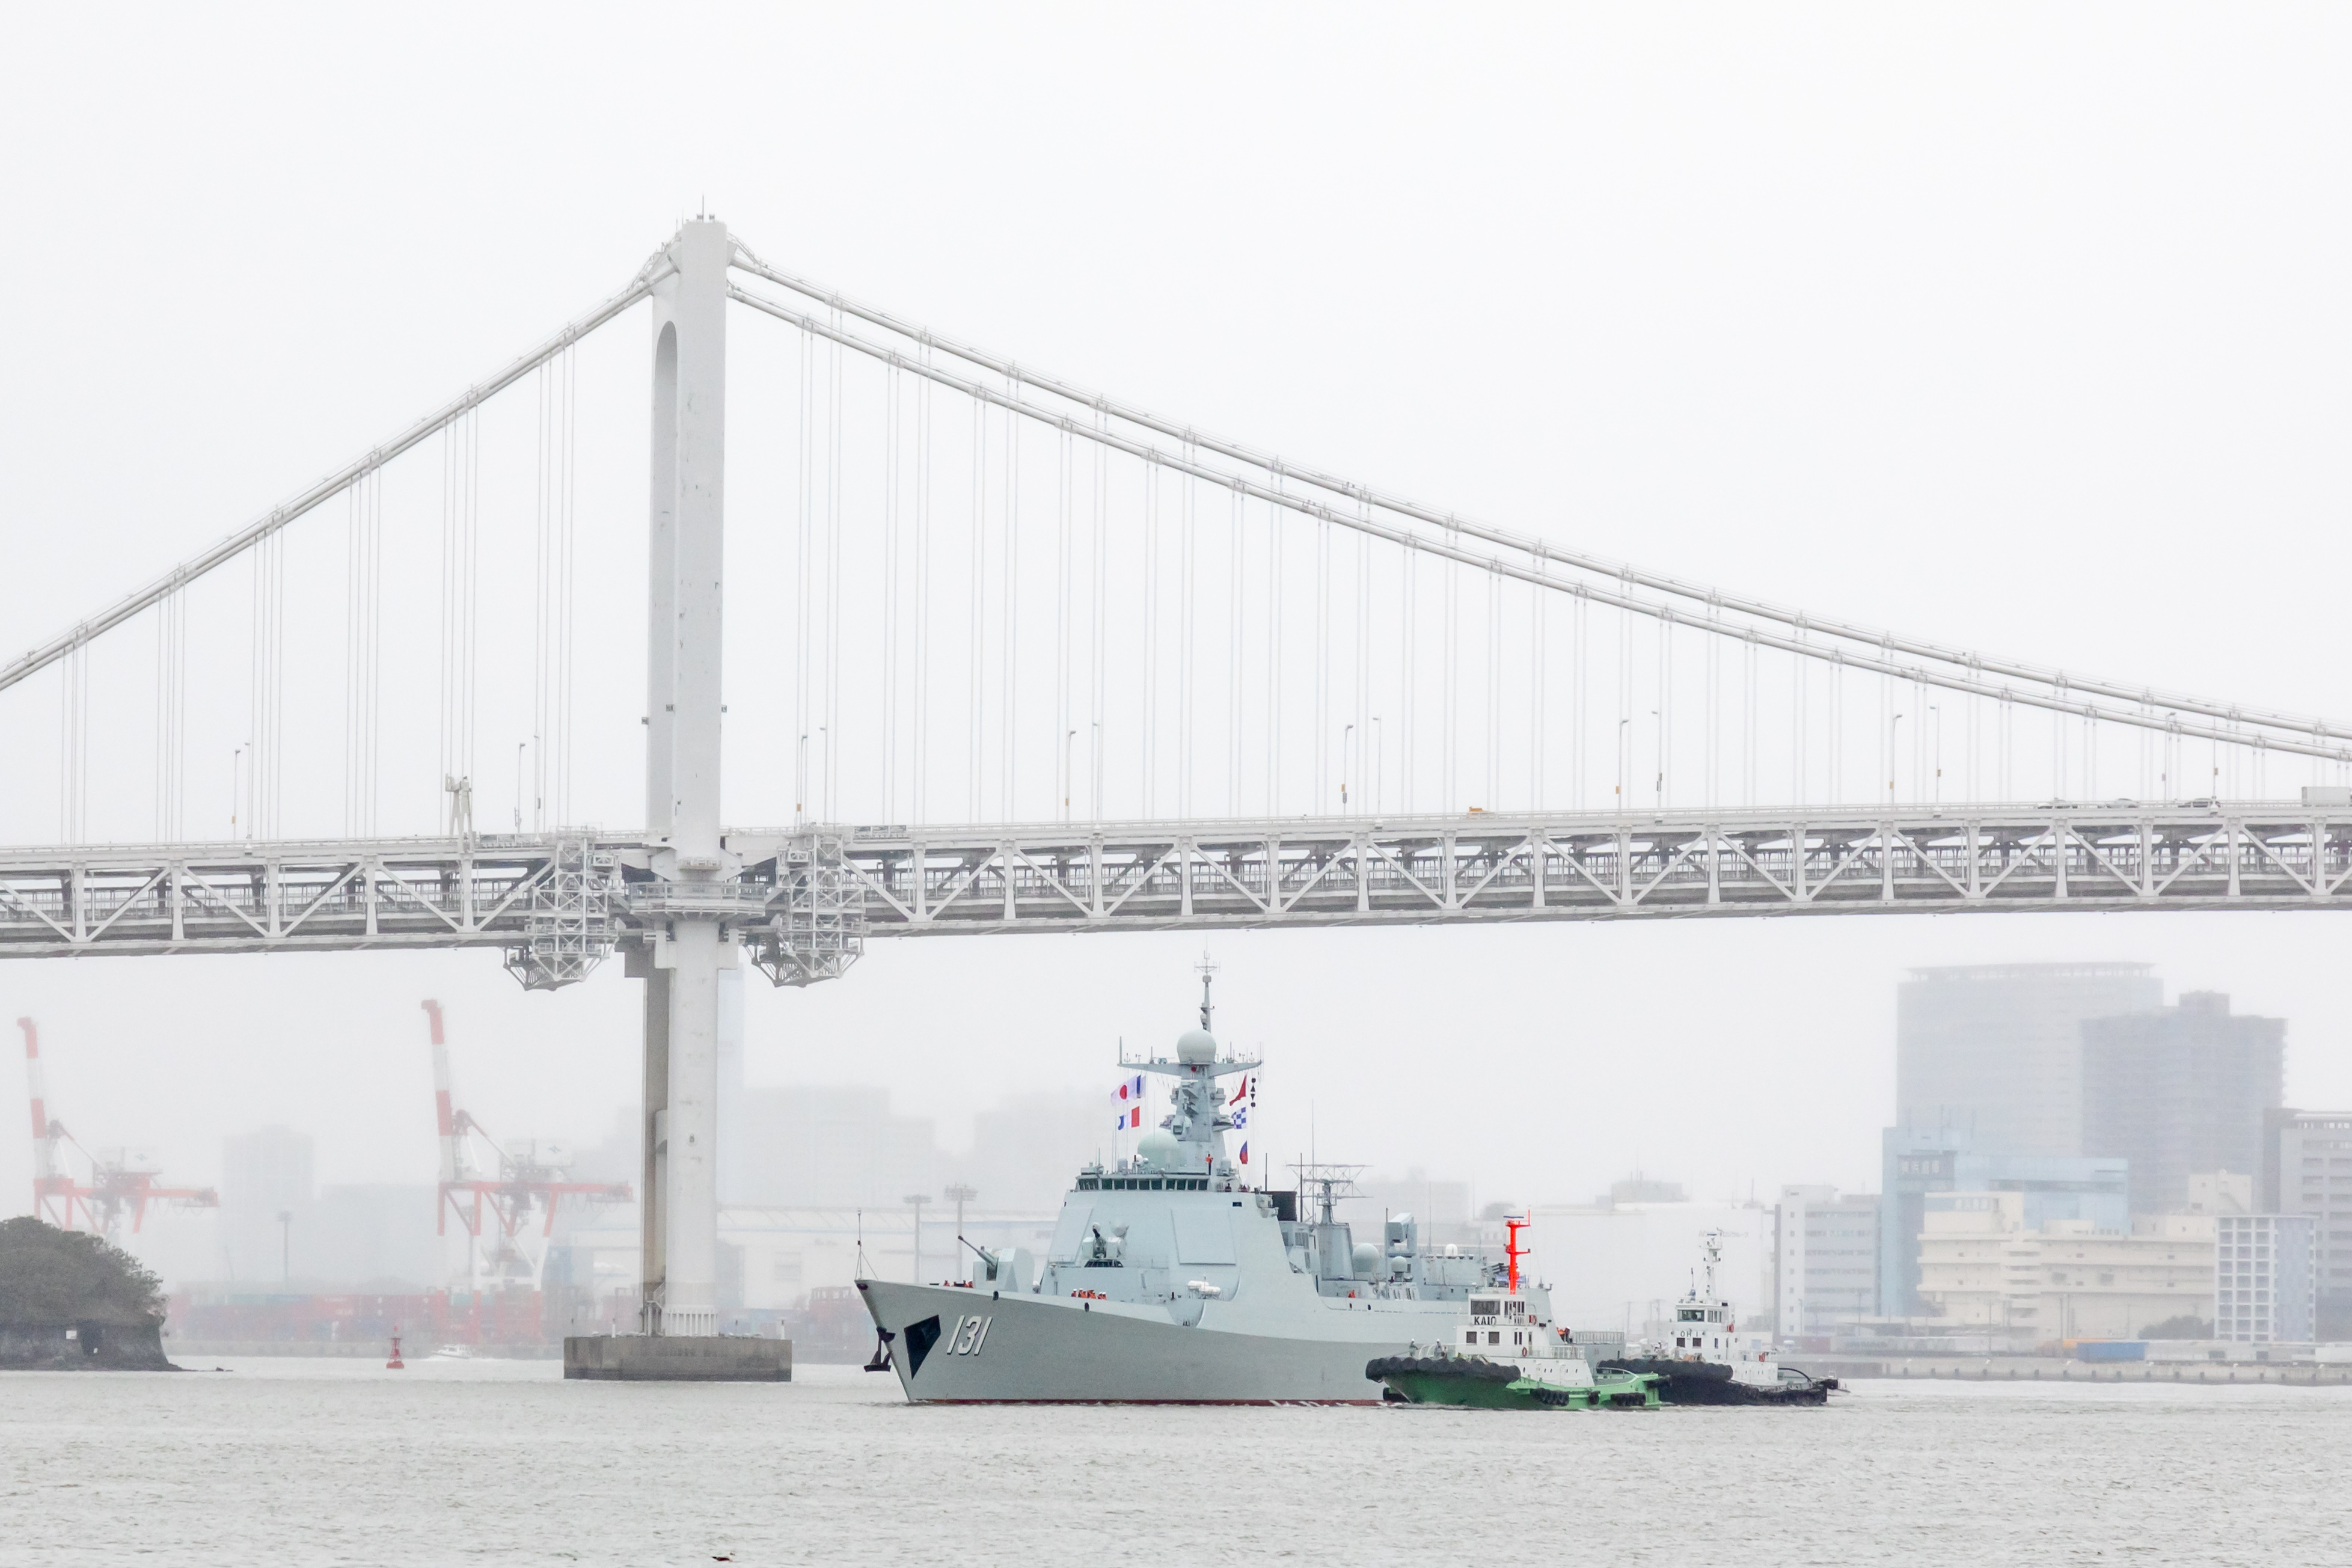 中国海軍ミサイル駆逐艦「太原」、東京に寄港 台風被災者にお見舞いも